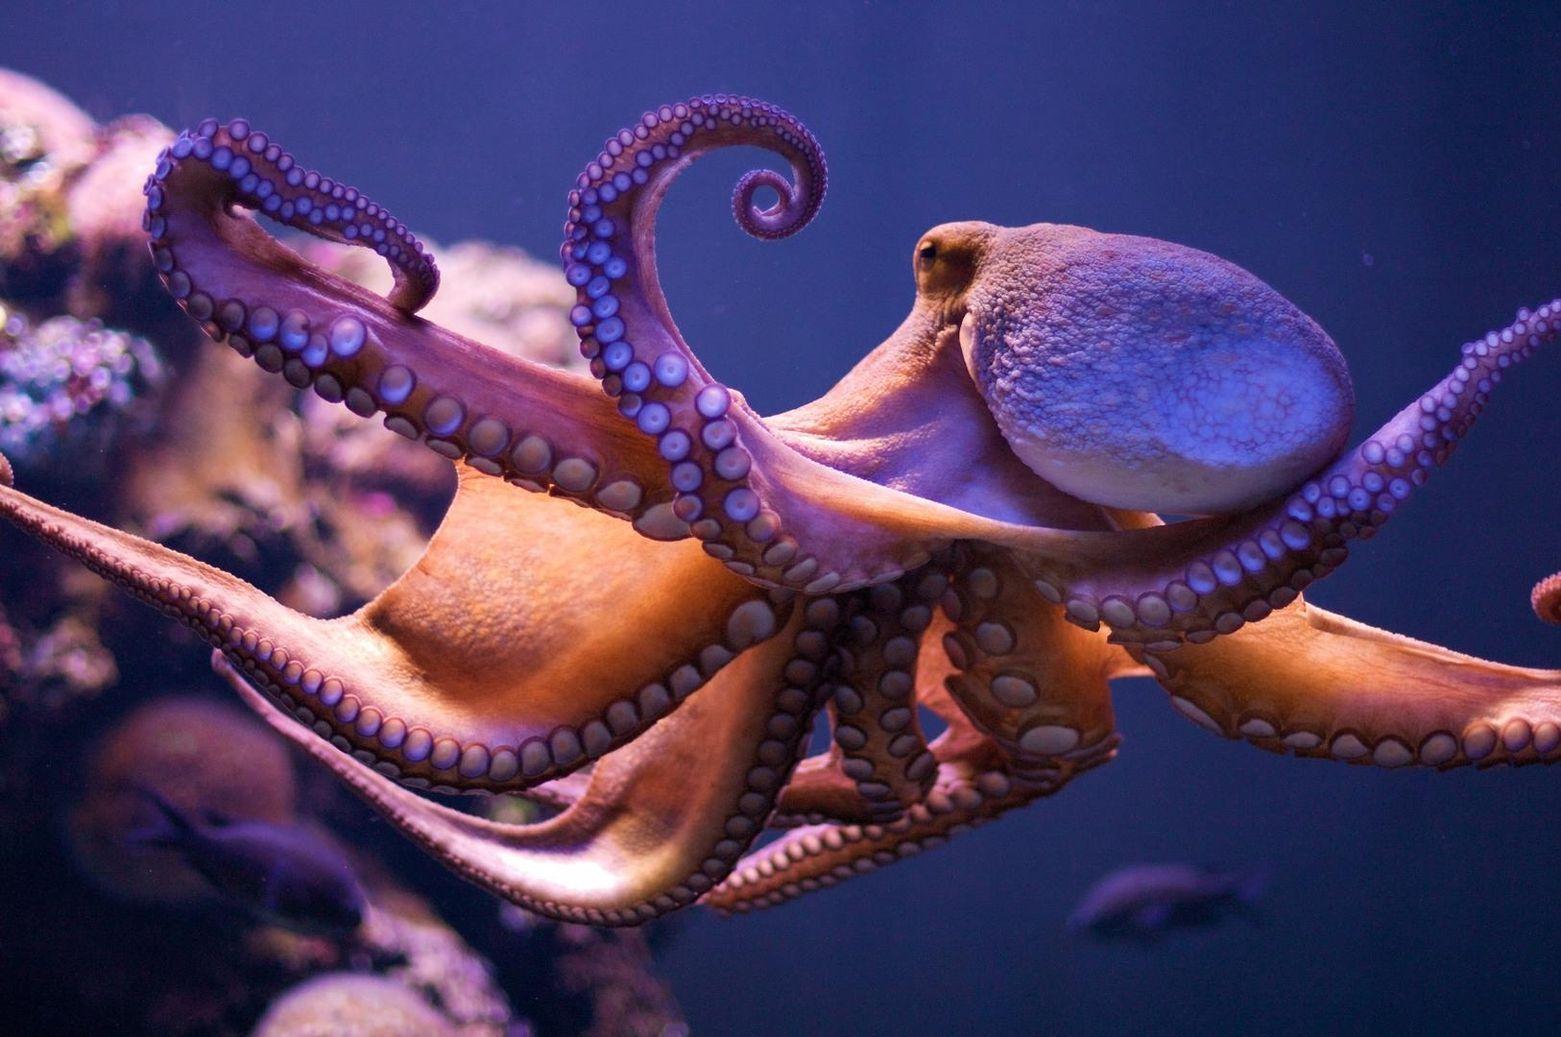 картинка осьминога или спрута карту чтобы увидеть